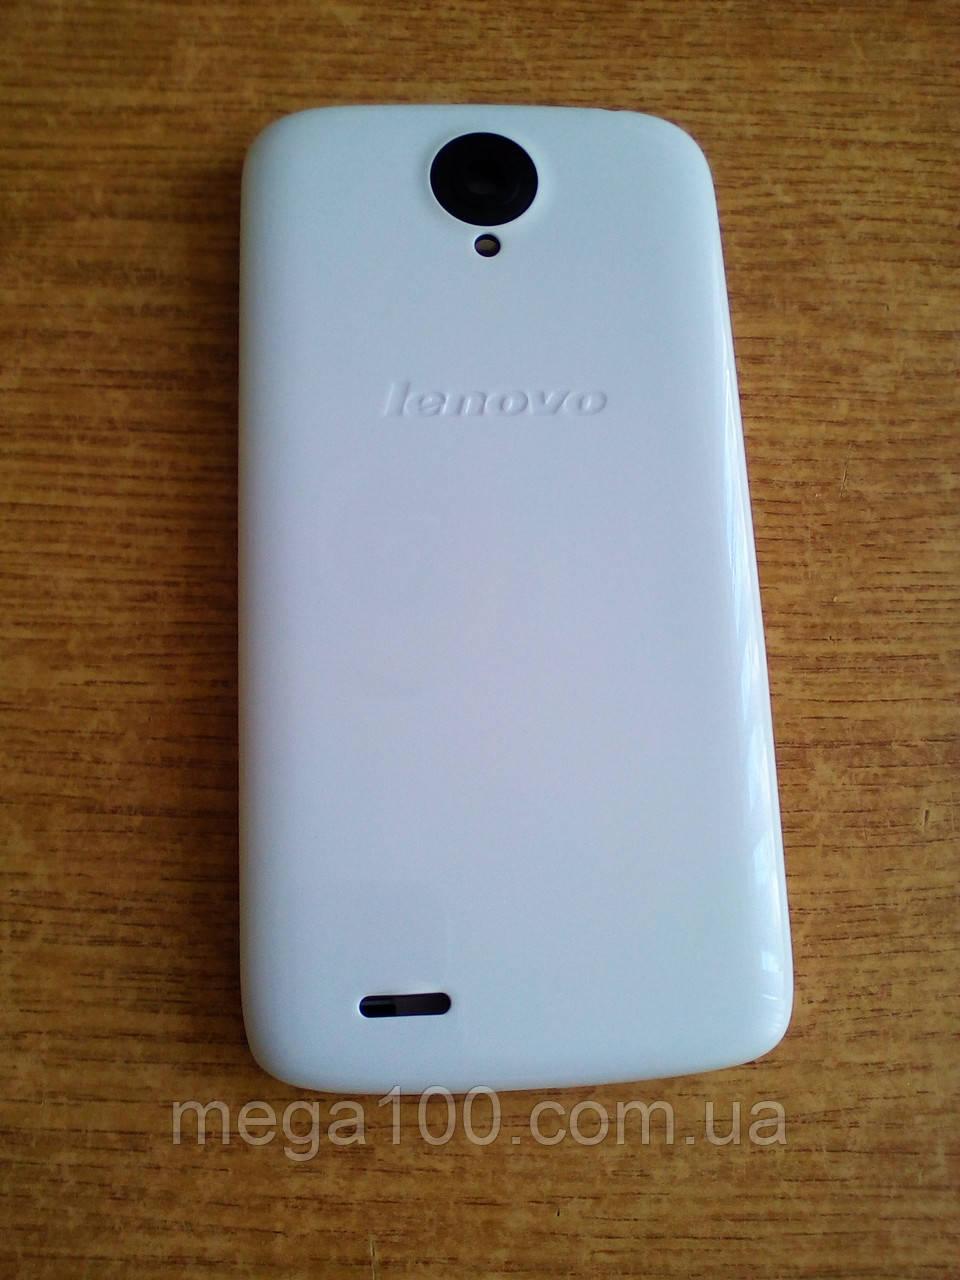 Корпус для смартфона Lenovo S820 белый цвет